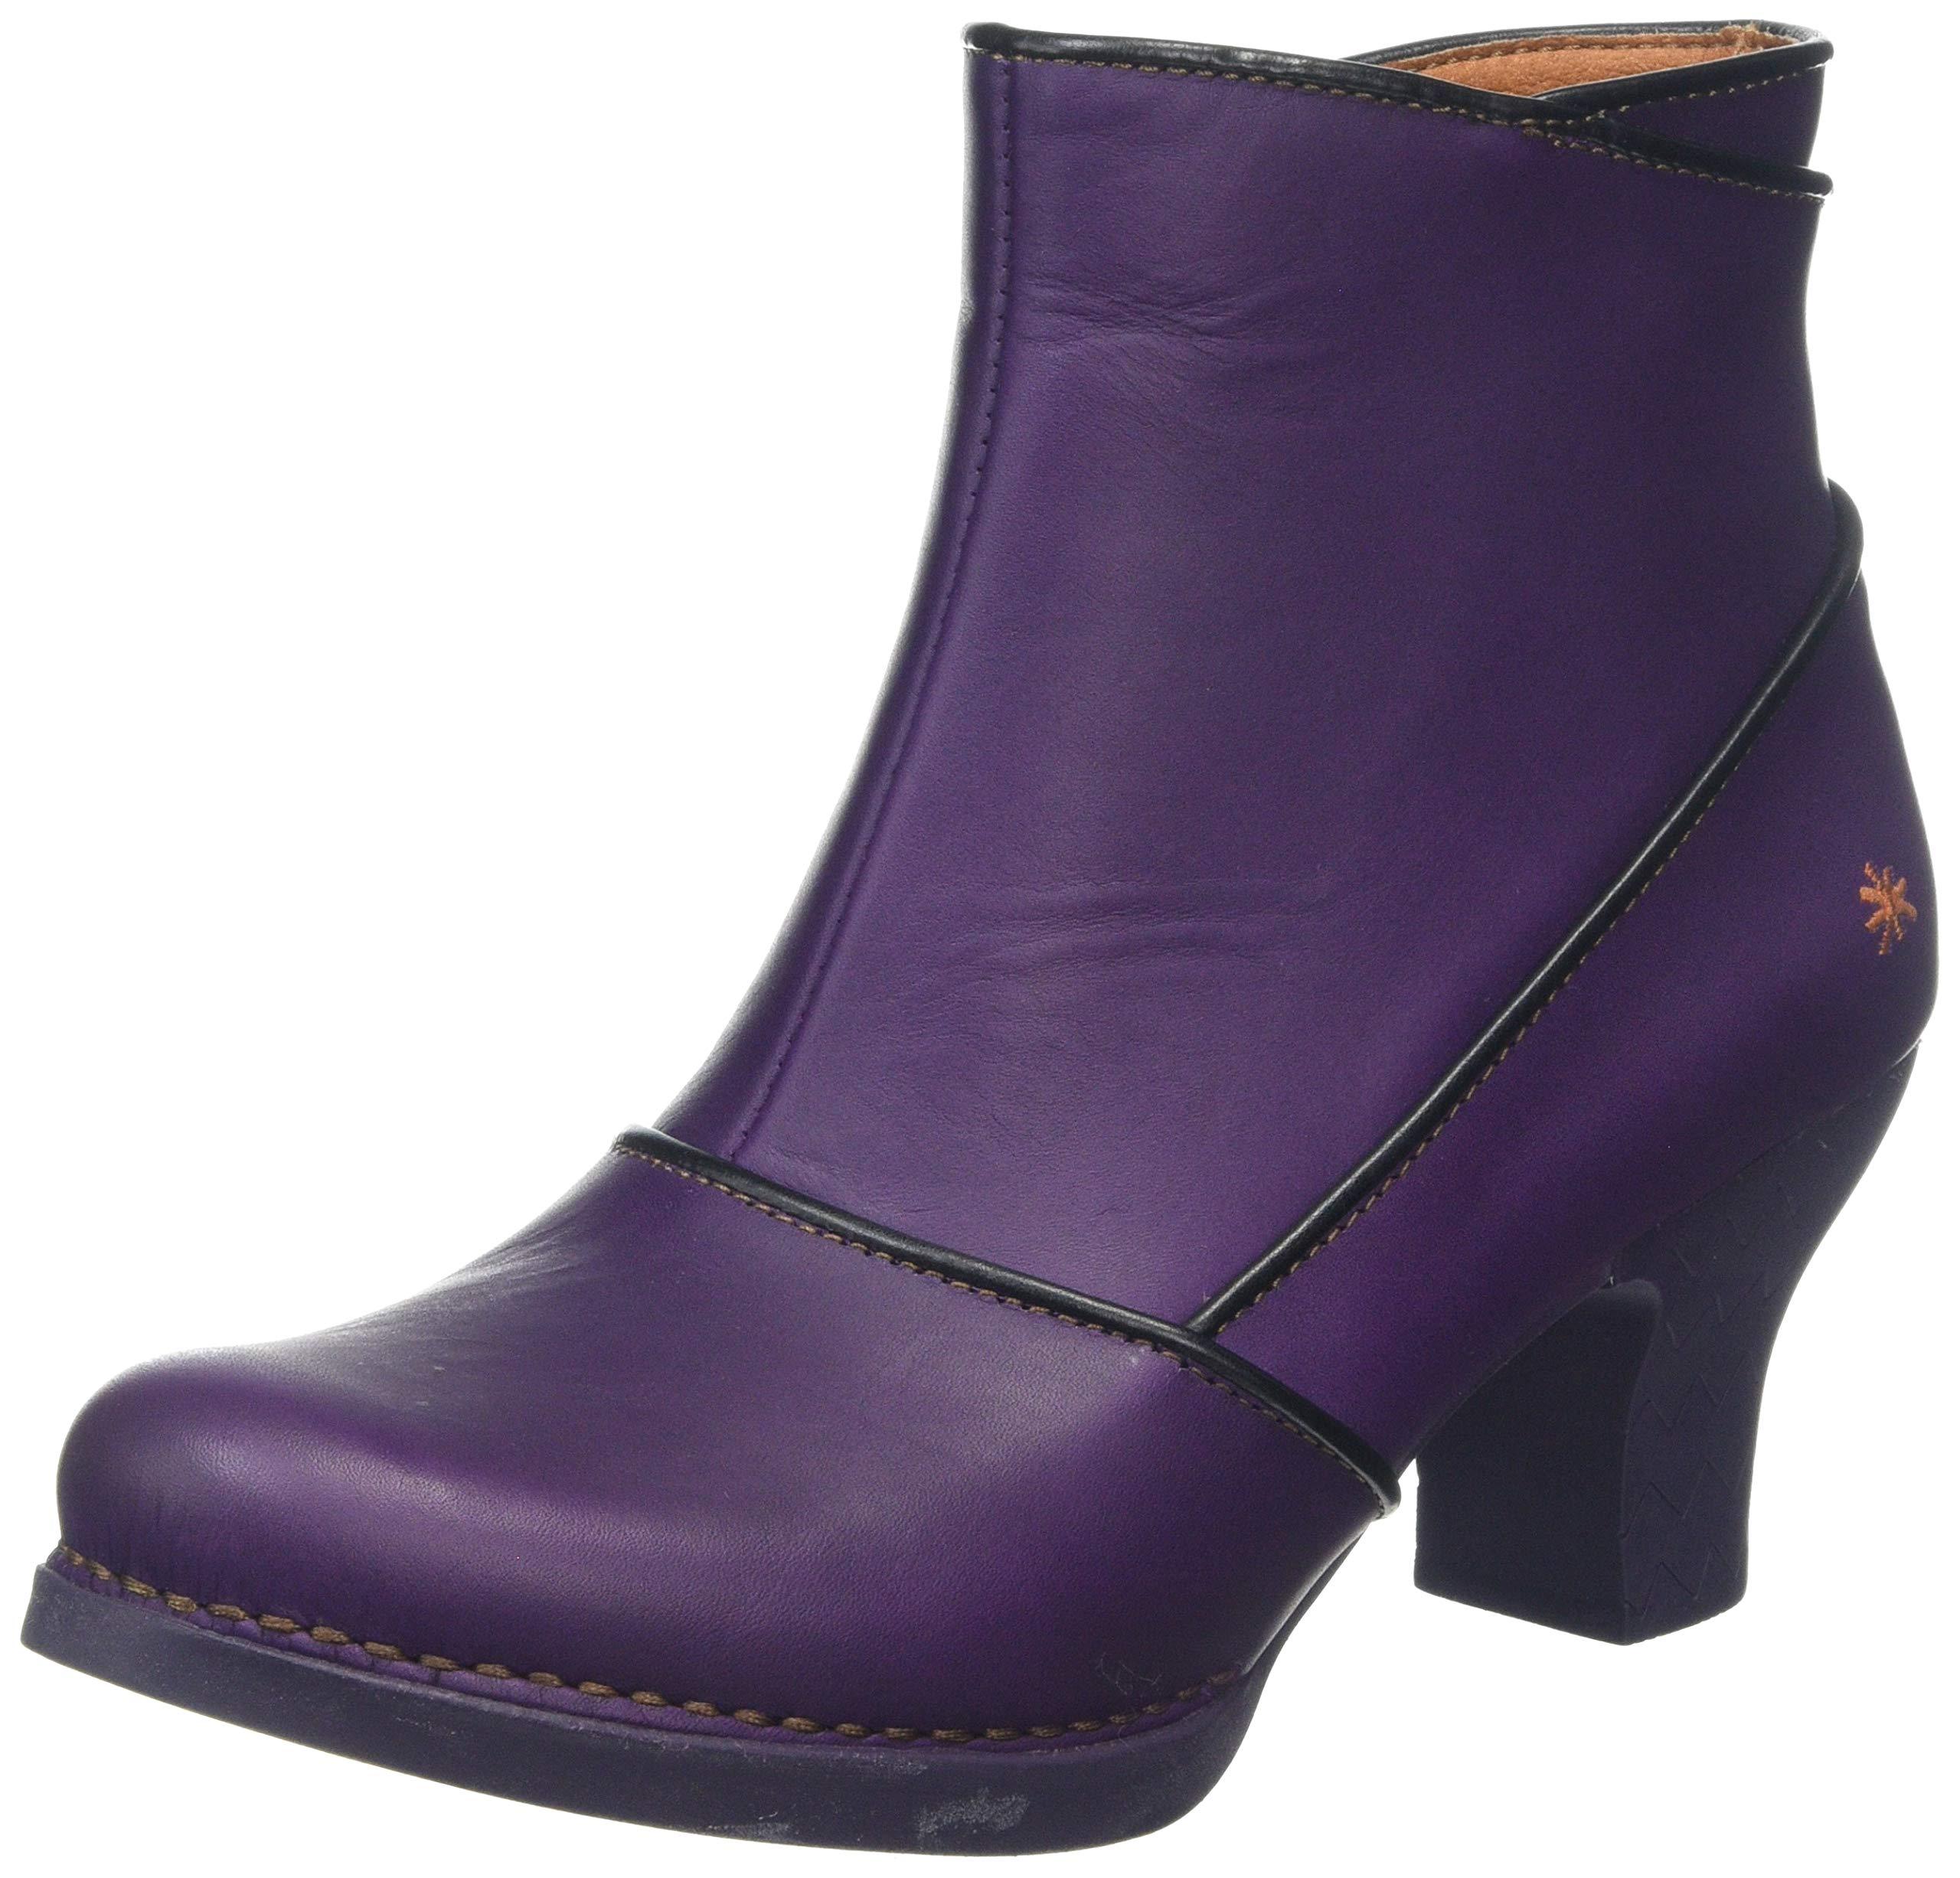 Grass Purple FemmeViolet41 harlemBottes 0945 Eu Classiques Art CxBoQWrEde